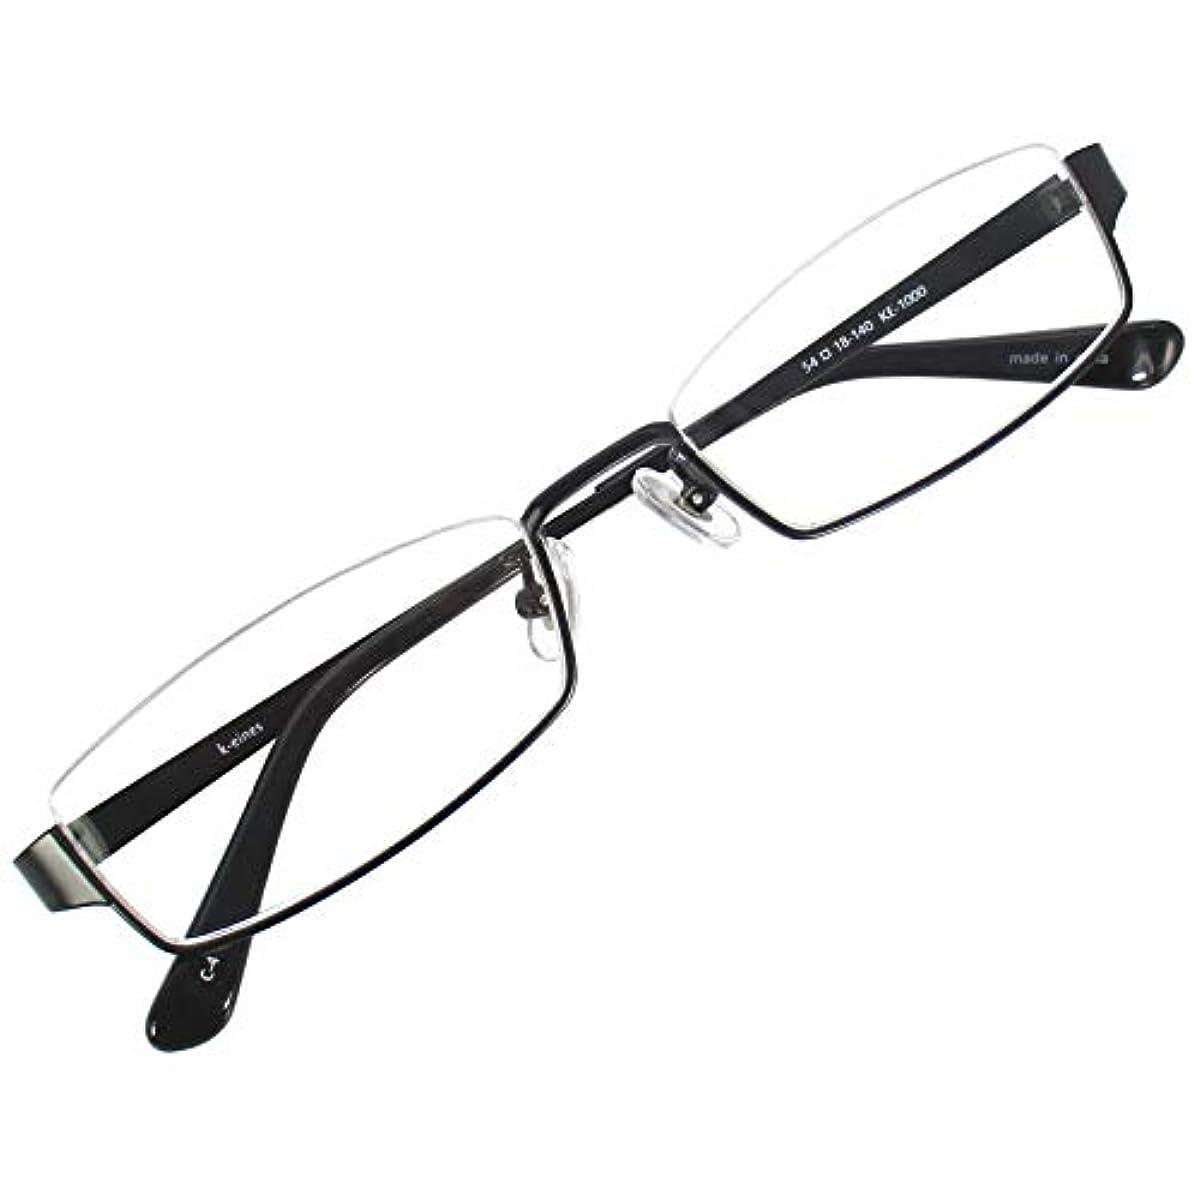 [해외] 언더 림 스퀘어 안경 프레임 메탈 안경 멋으로 쓰는도수 없는 안경 UV 블루 라이트 컷